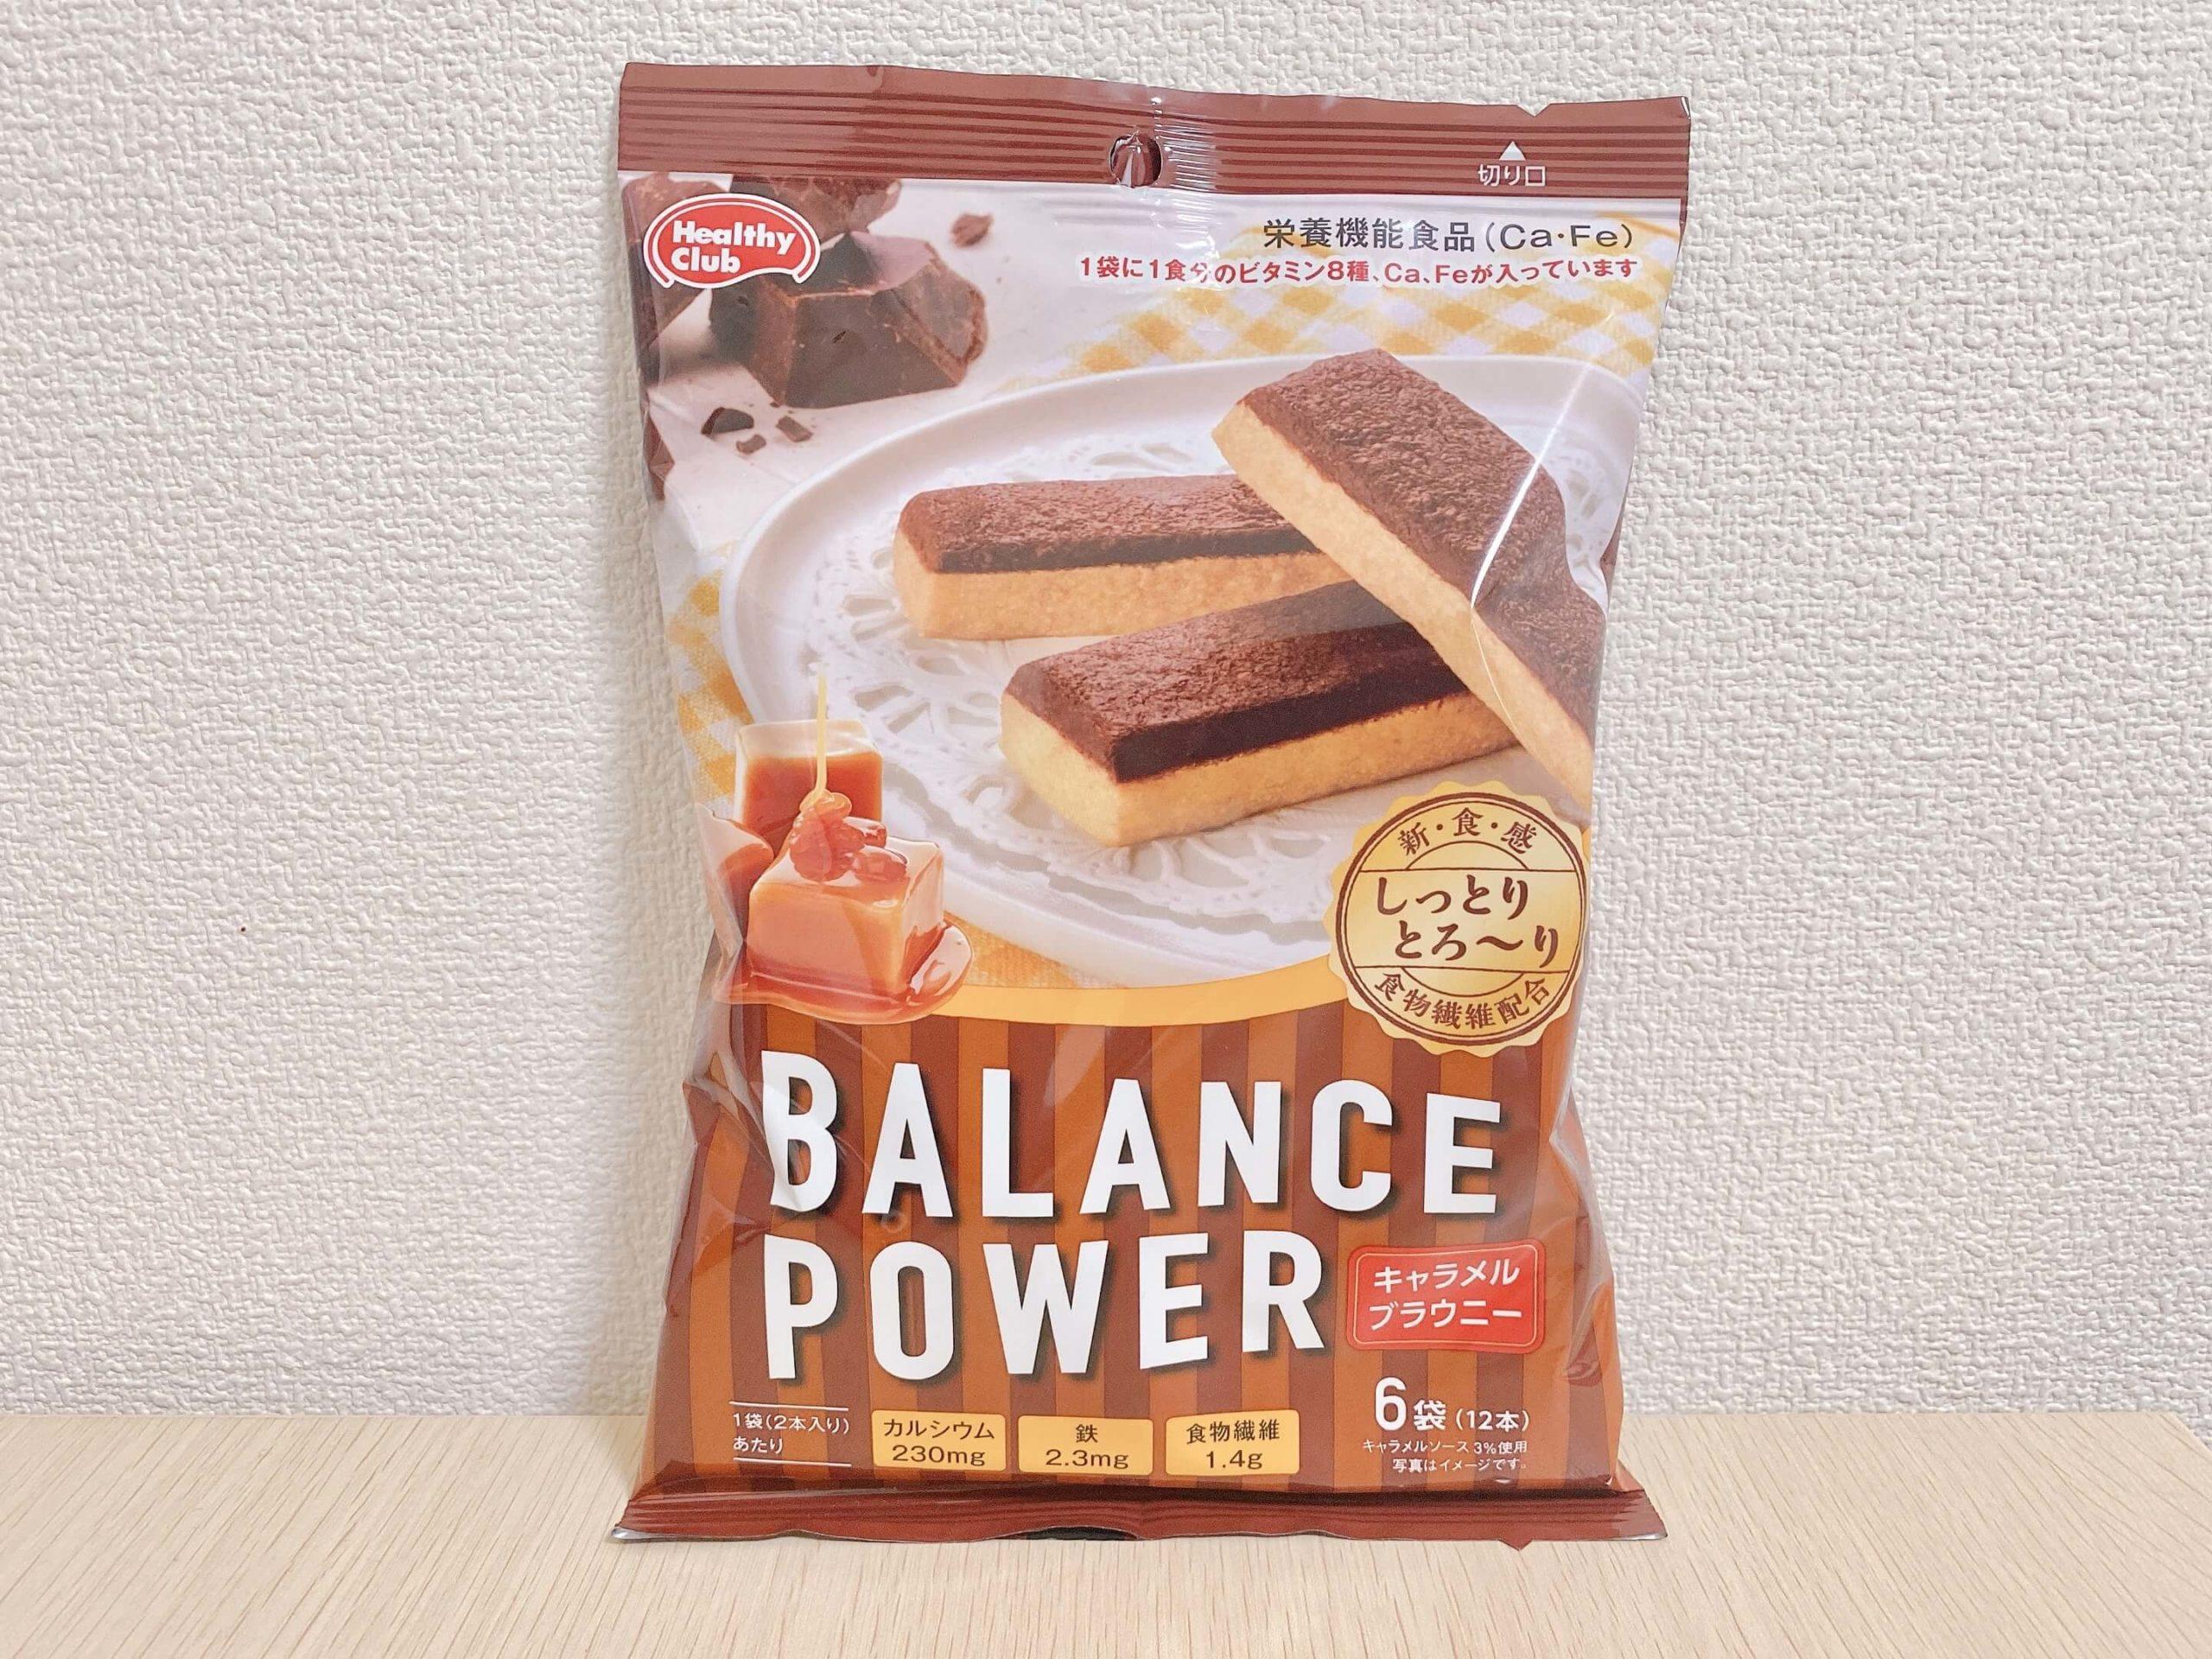 バランスパワーは安いカロリーメイト類似品